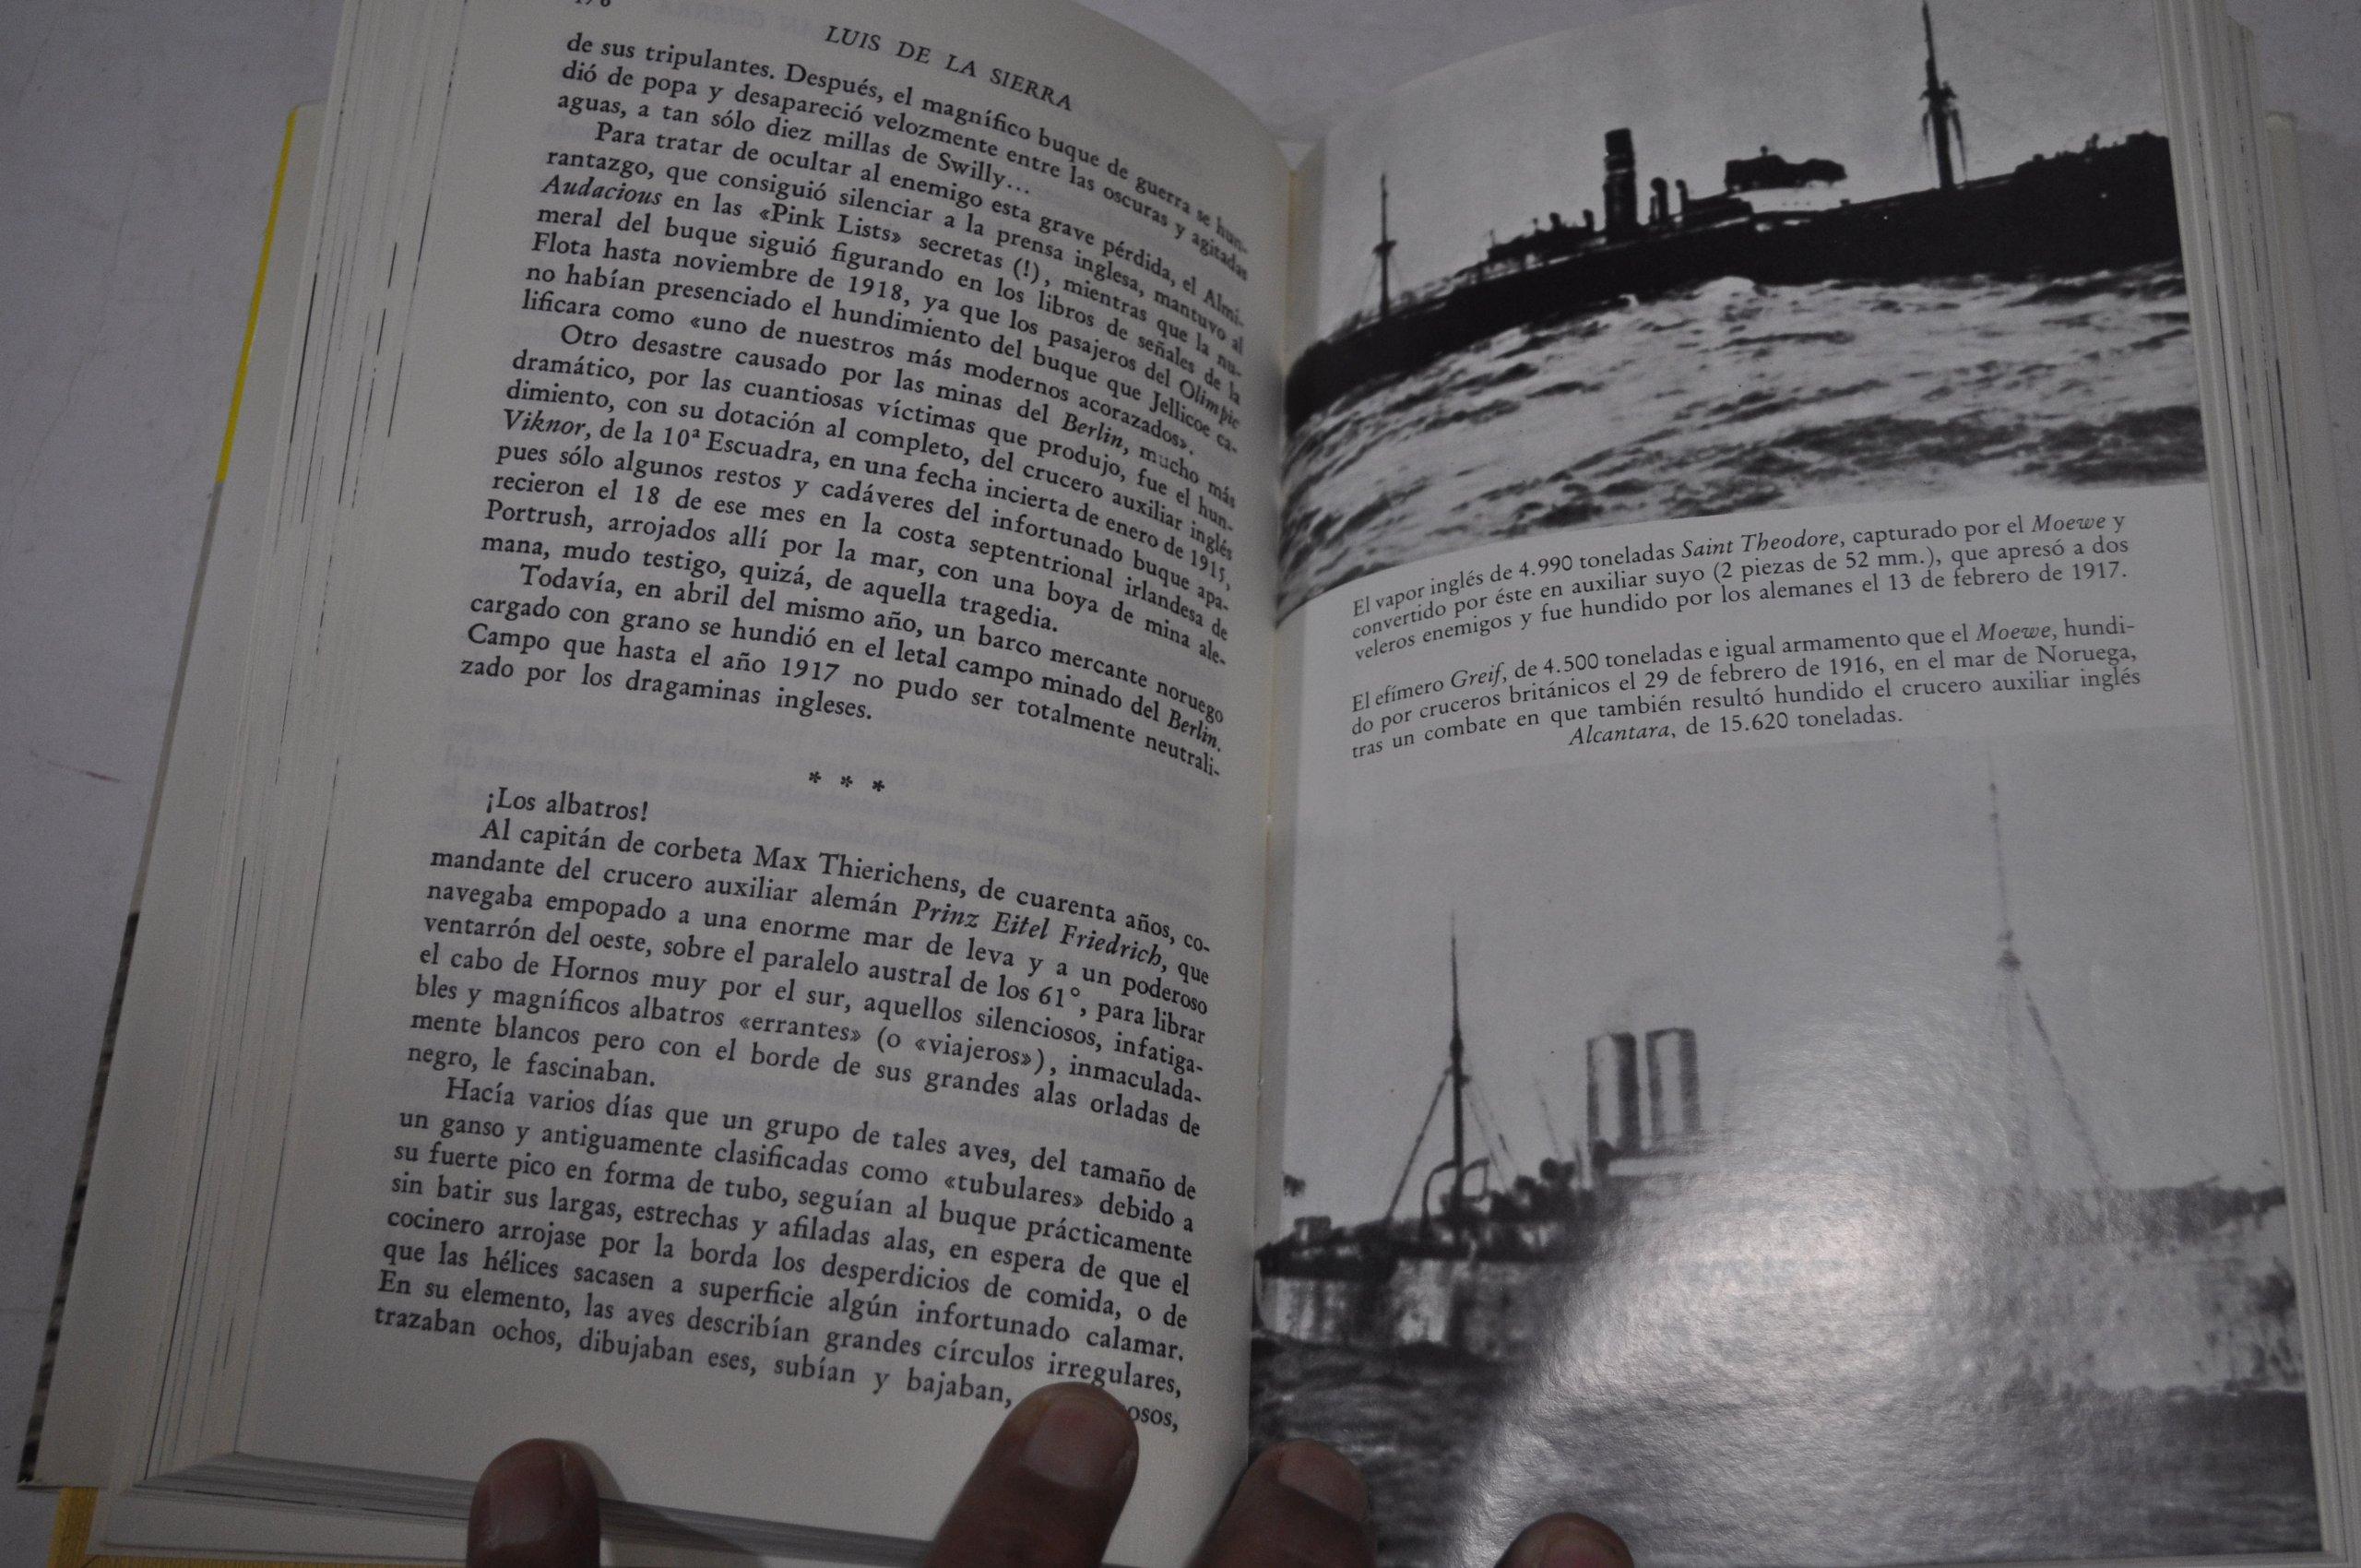 CORSARIOS AL. GRAN GUERRA (EN EL MAR Y LA MONTAÑA): Amazon.es: Luis De La Sierra: Libros